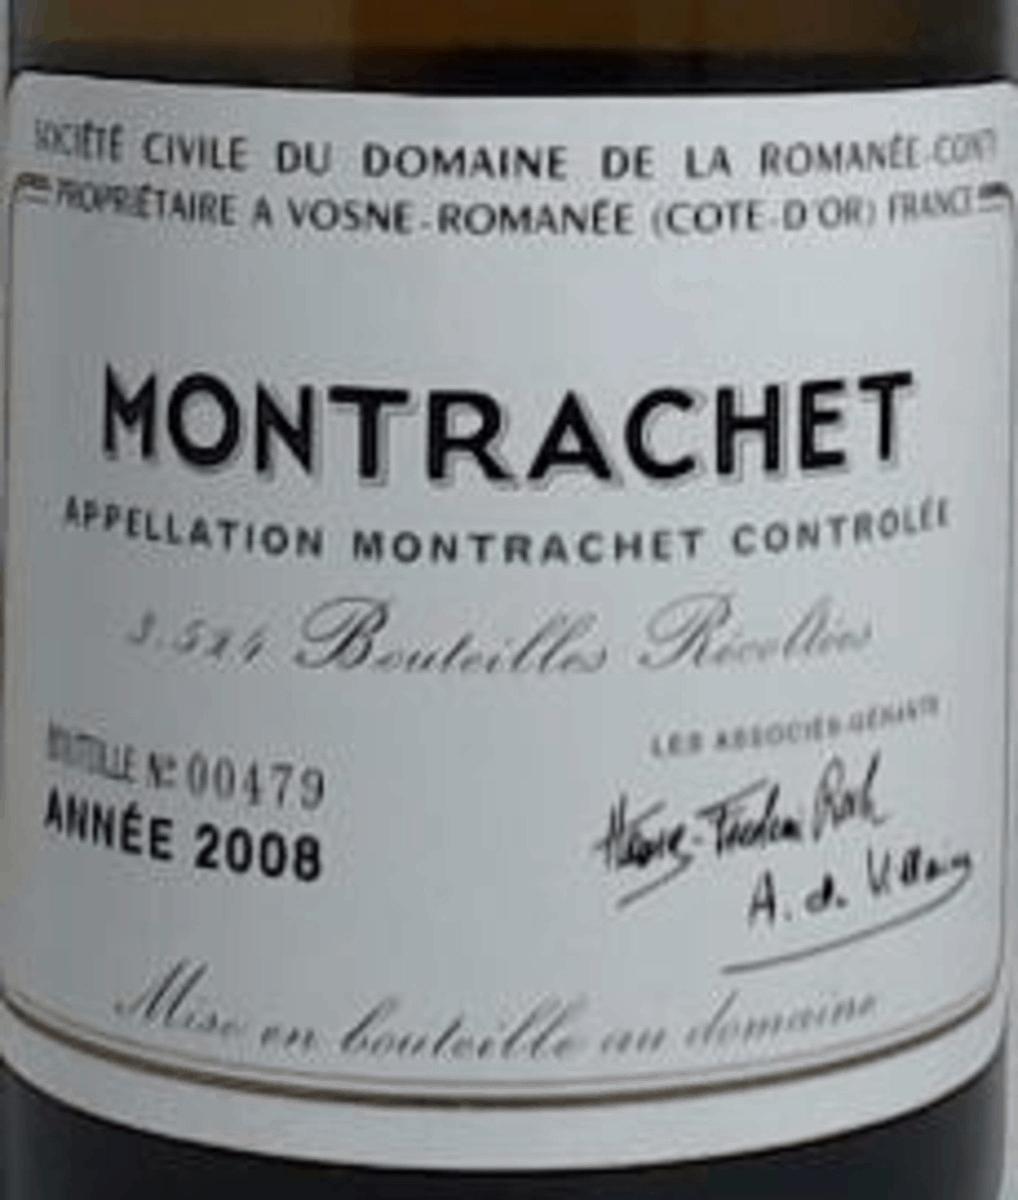 2008 Domaine de la Romanee-Conti Montrachet label